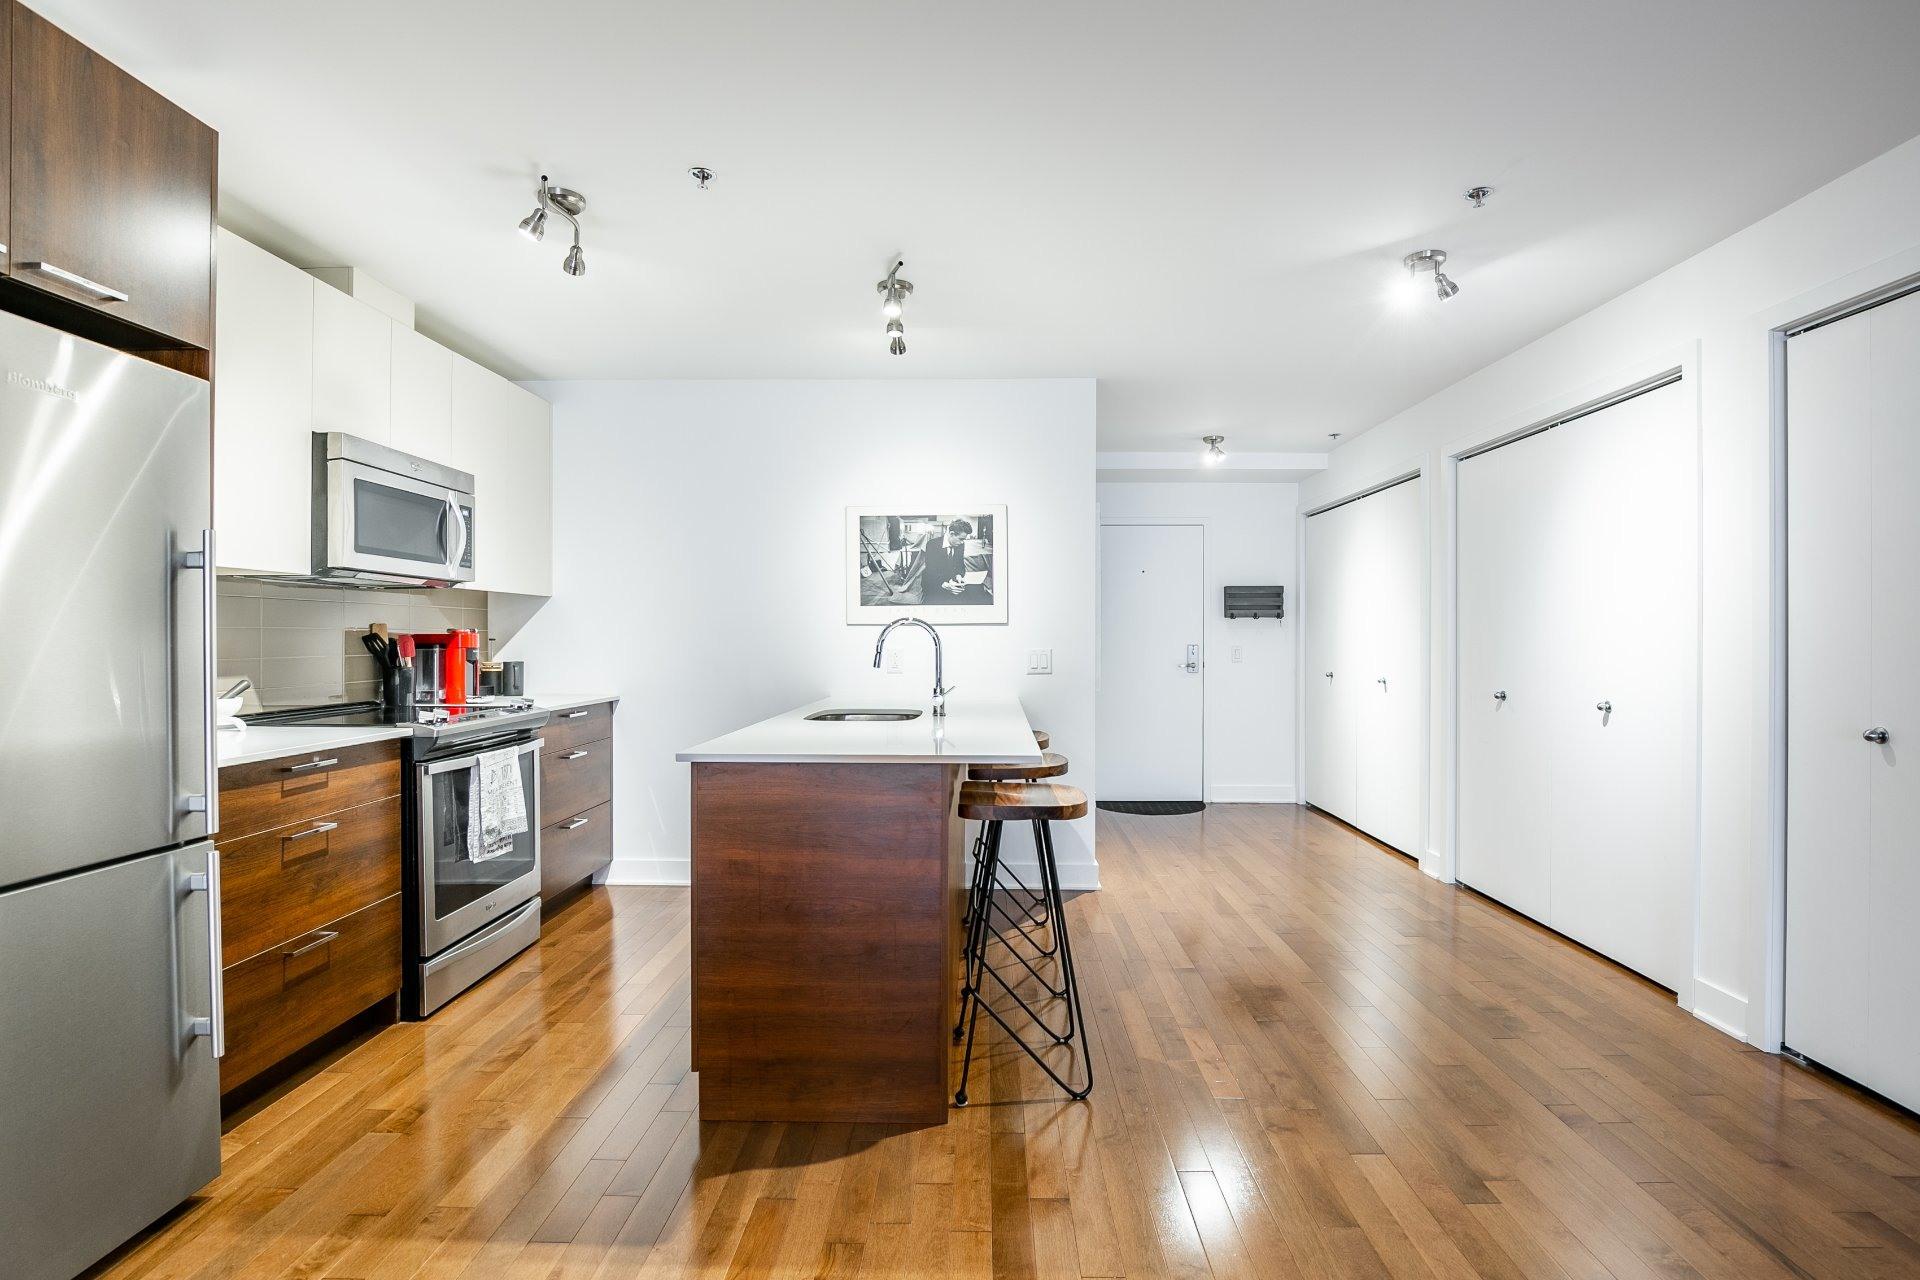 image 2 - Appartement À vendre Ahuntsic-Cartierville Montréal  - 5 pièces